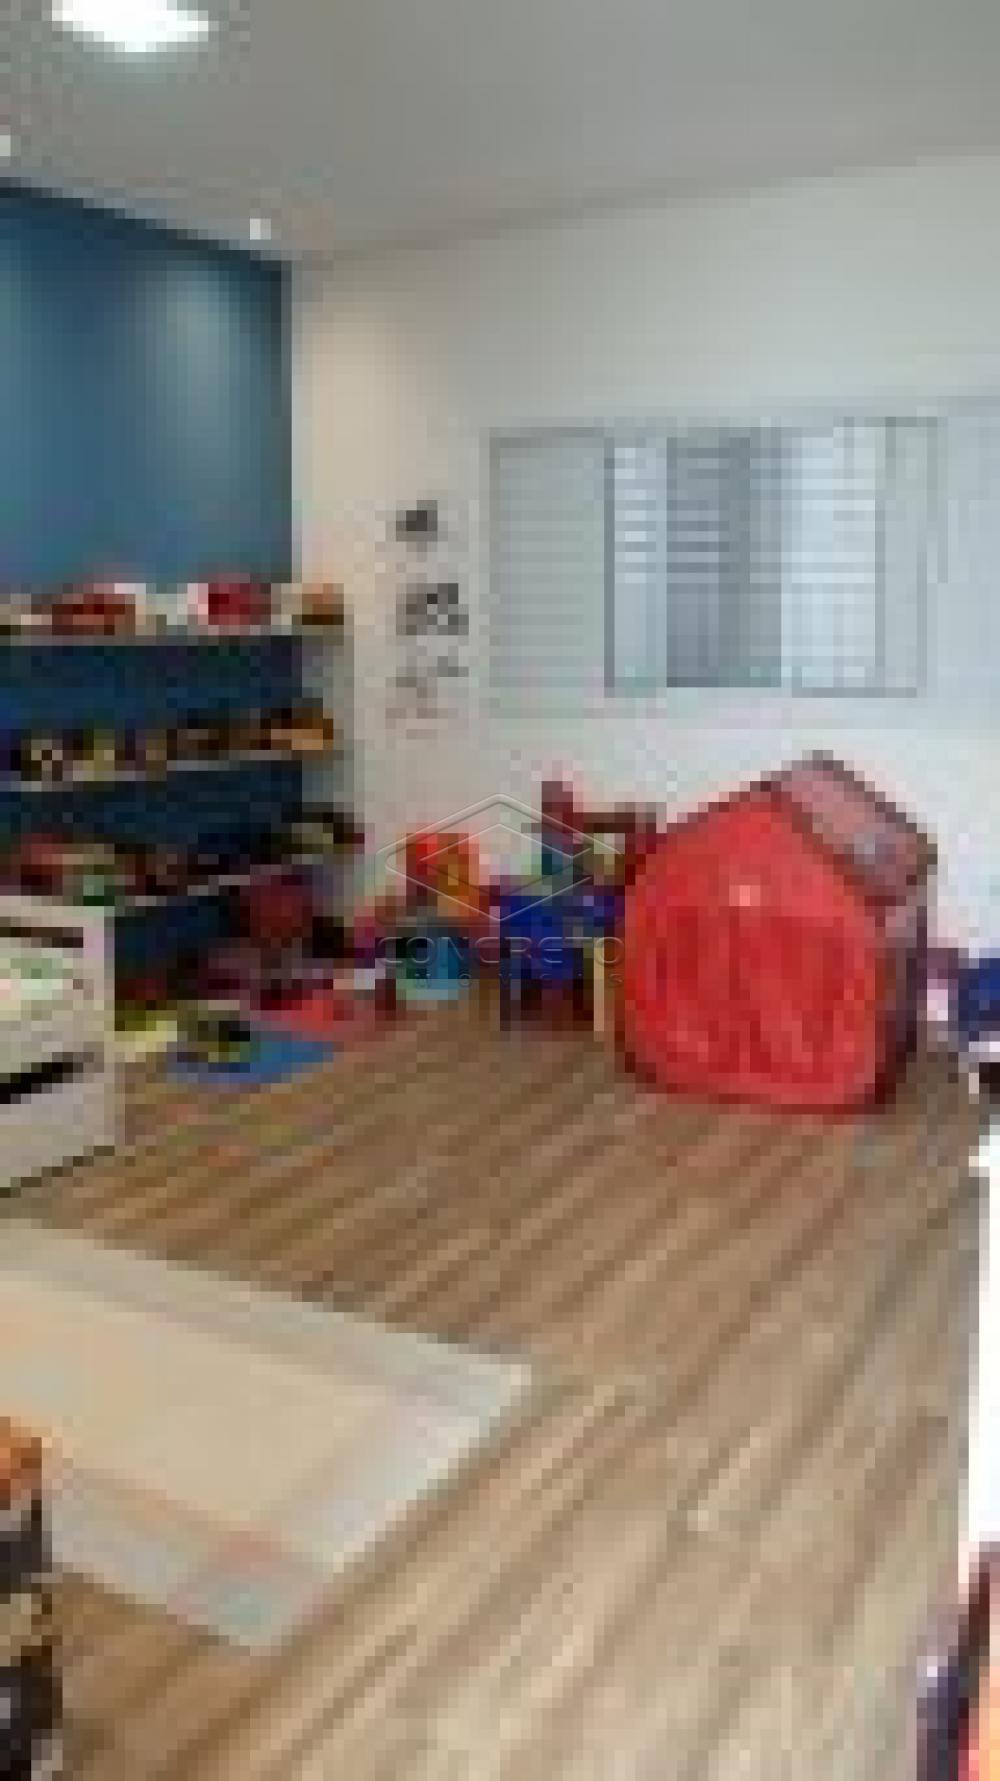 Comprar Casa / Padrão em Sao Manuel apenas R$ 650.000,00 - Foto 72